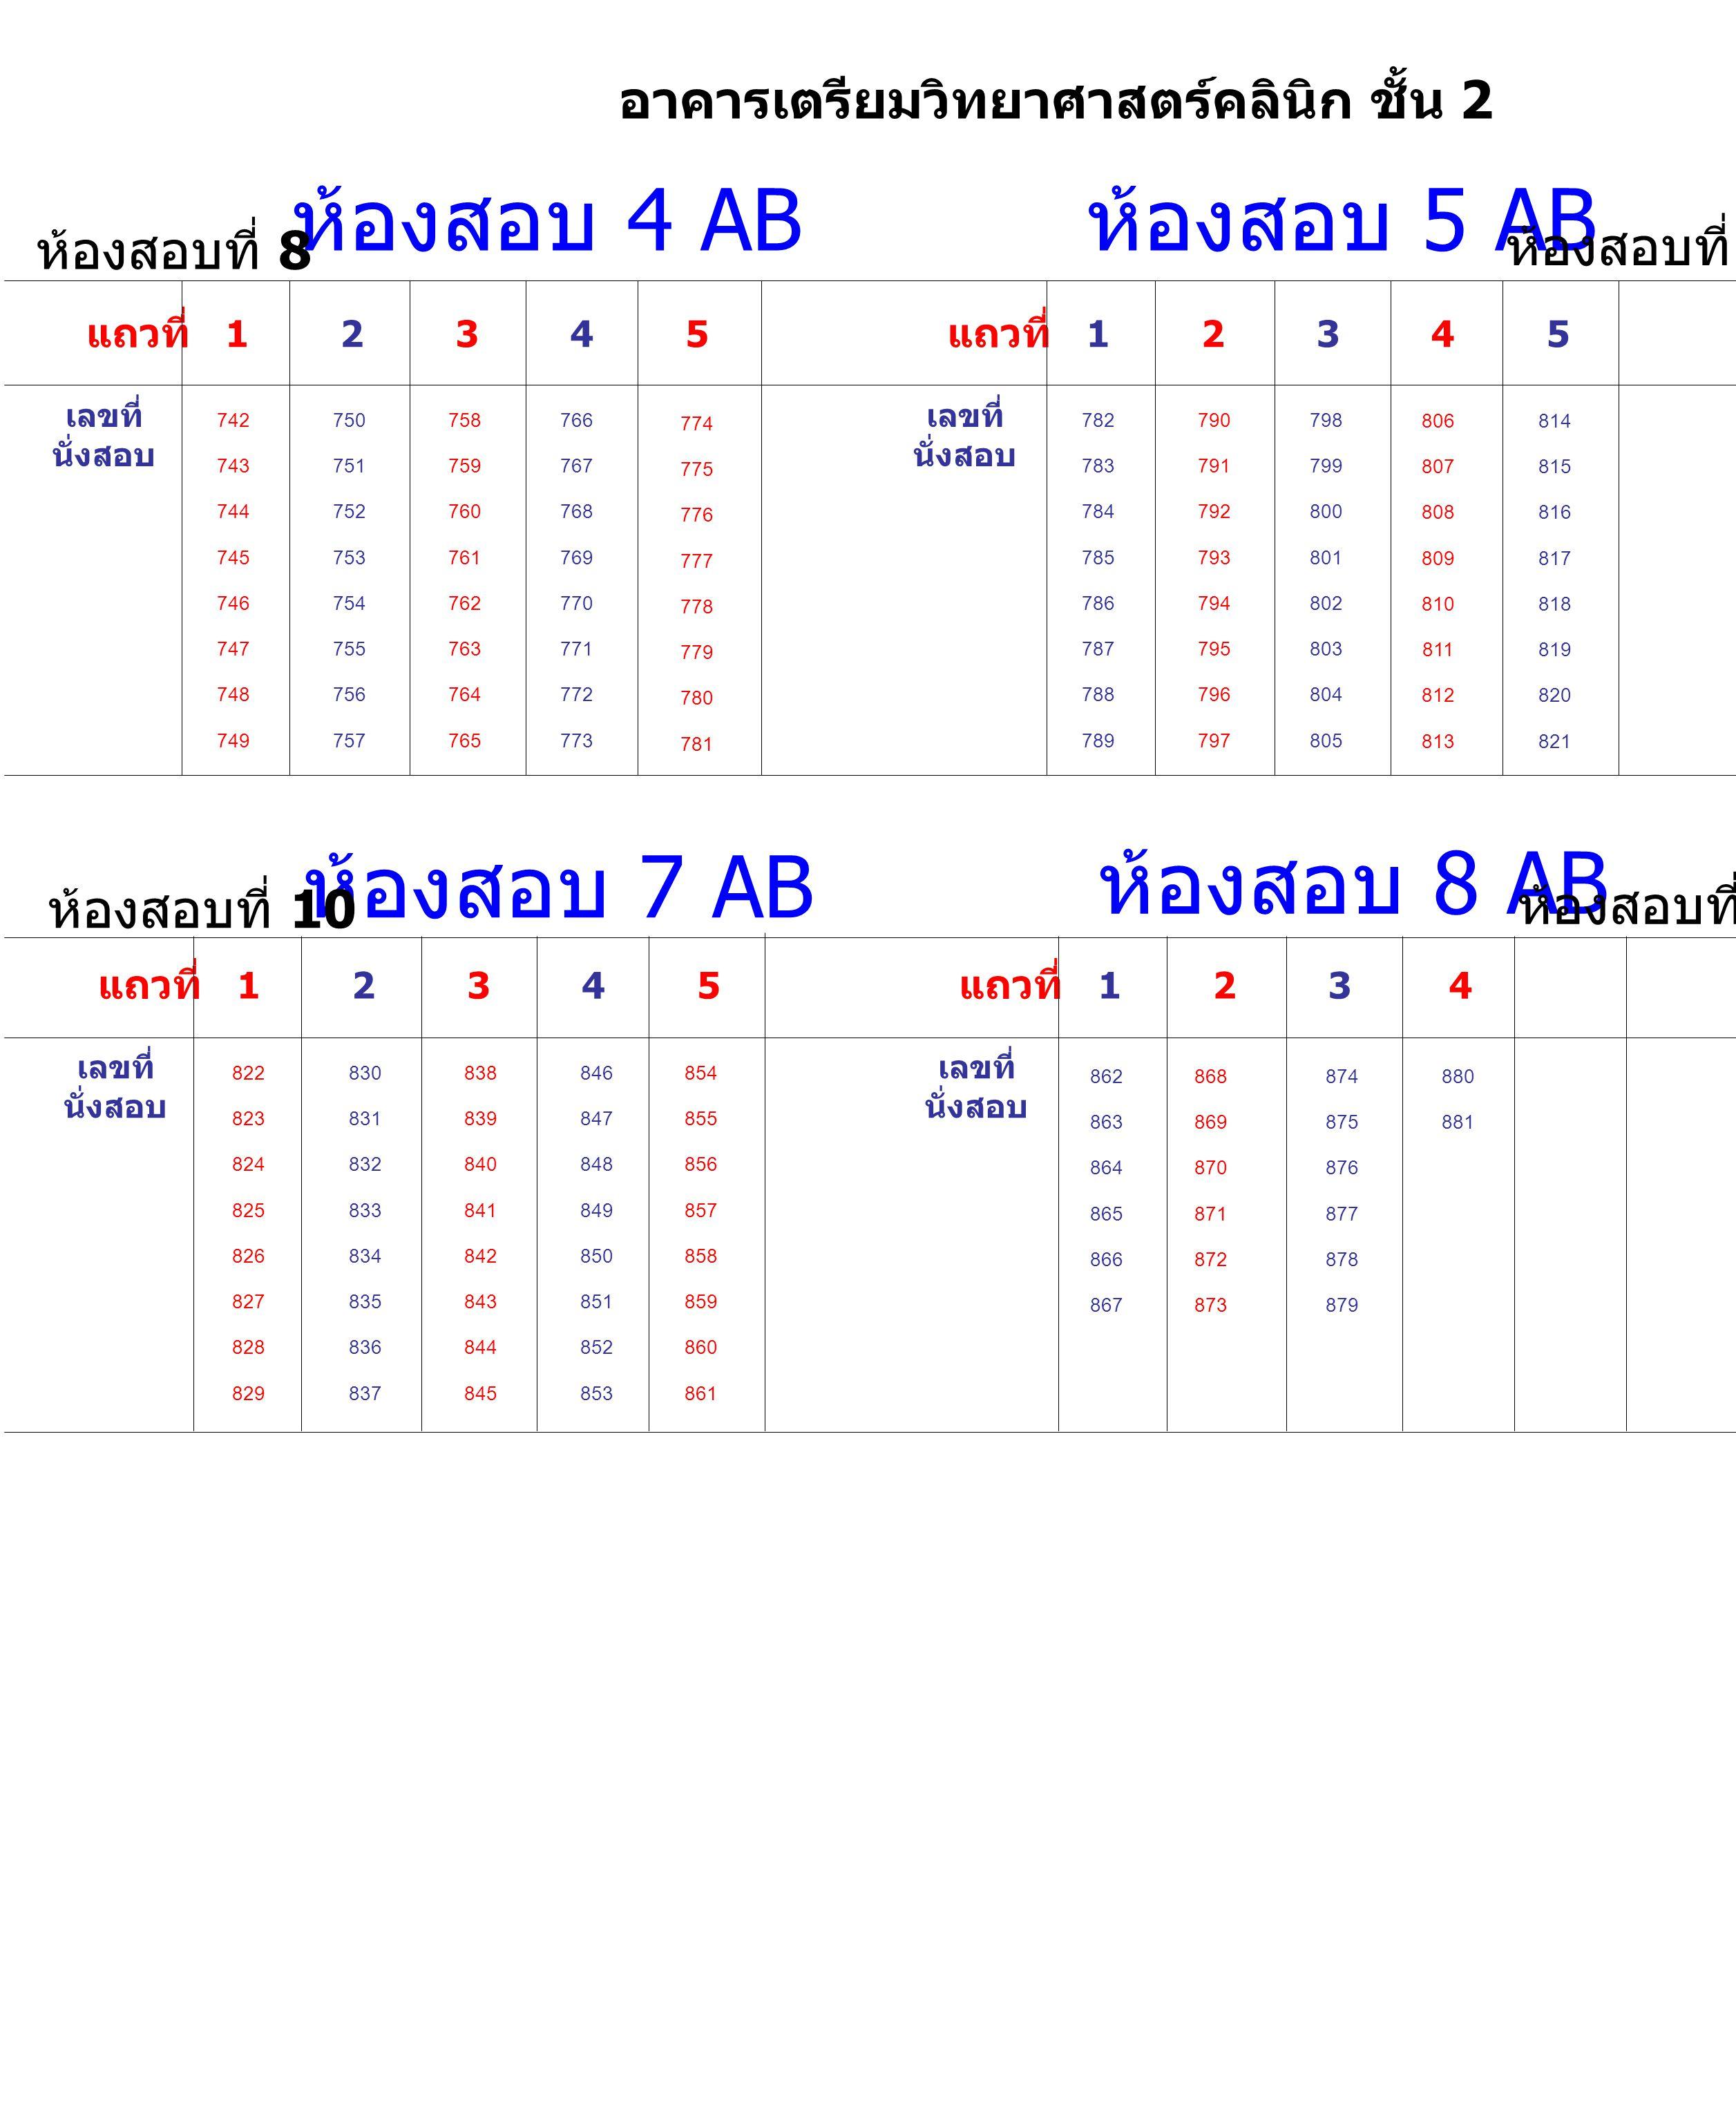 ห้องสอบ 4 AB ห้องสอบ 5 AB ห้องสอบ 8 AB ห้องสอบ 7 AB